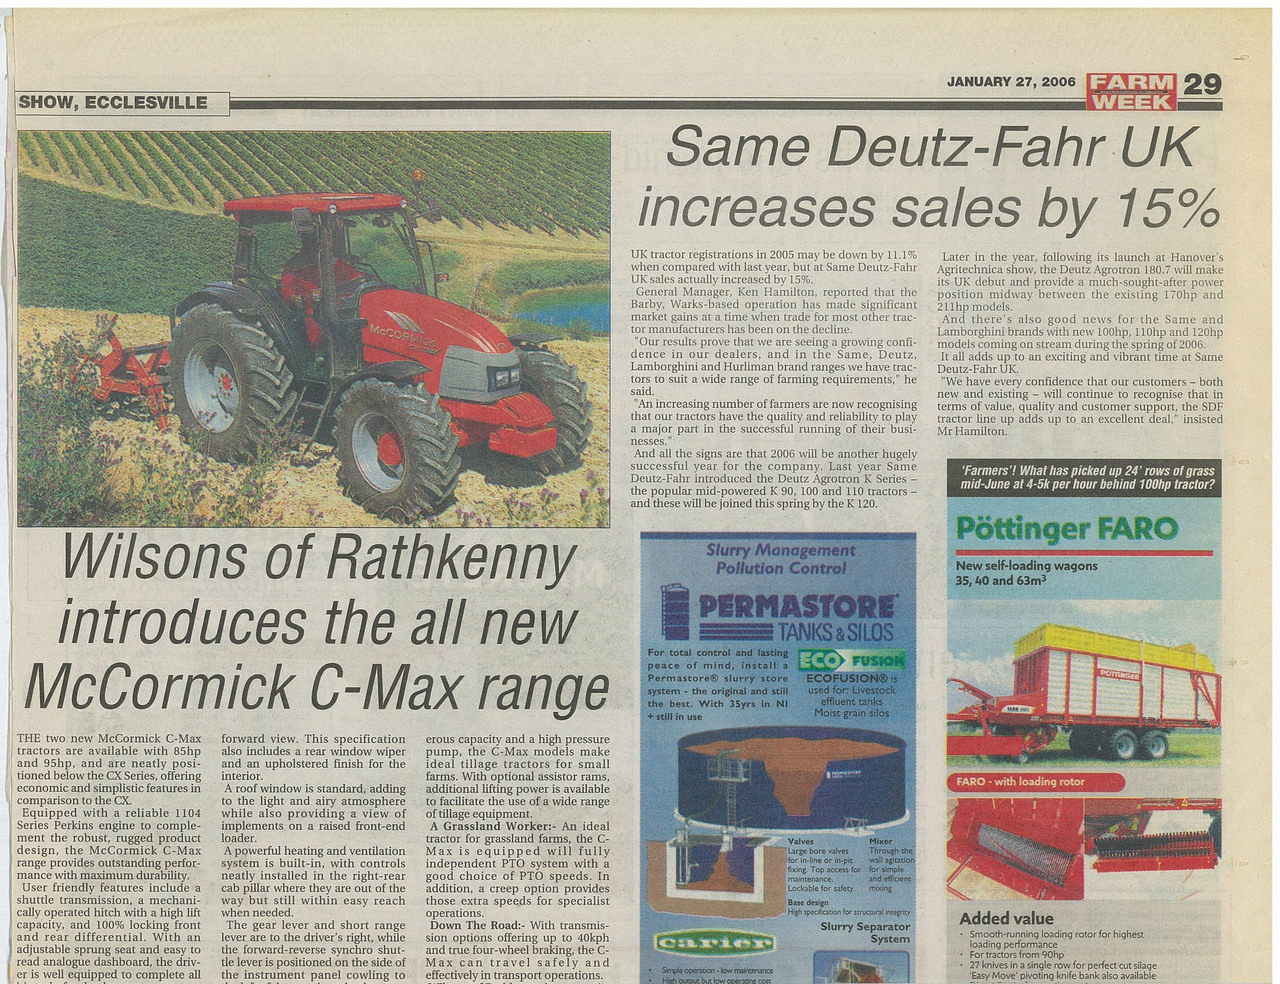 SAME Deutz Fahr UK increases sales by 15%